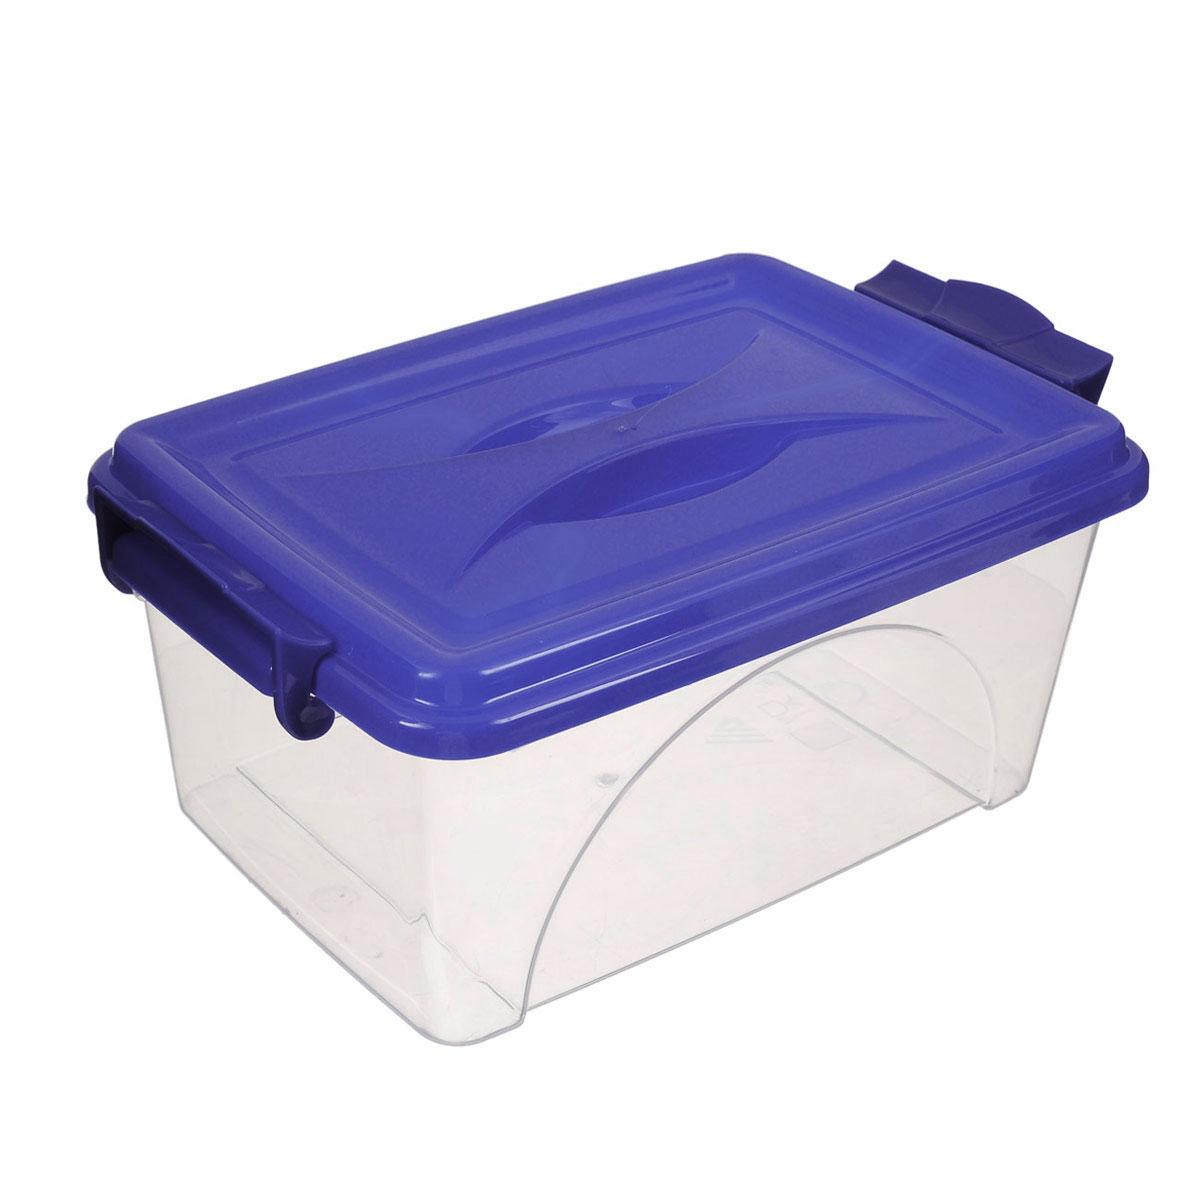 Контейнер Альтернатива, цвет: прозрачный, синий, 11,5 л1004900000360Контейнер Альтернатива выполнен из прочного пластика. Он предназначен для хранения различных мелких вещей. Крышка легко открывается и плотно закрывается. Прозрачные стенки позволяют видеть содержимое. По бокам предусмотрены две удобные ручки, с помощью которых контейнер закрывается.Контейнер поможет хранить все в одном месте, а также защитить вещи от пыли, грязи и влаги.